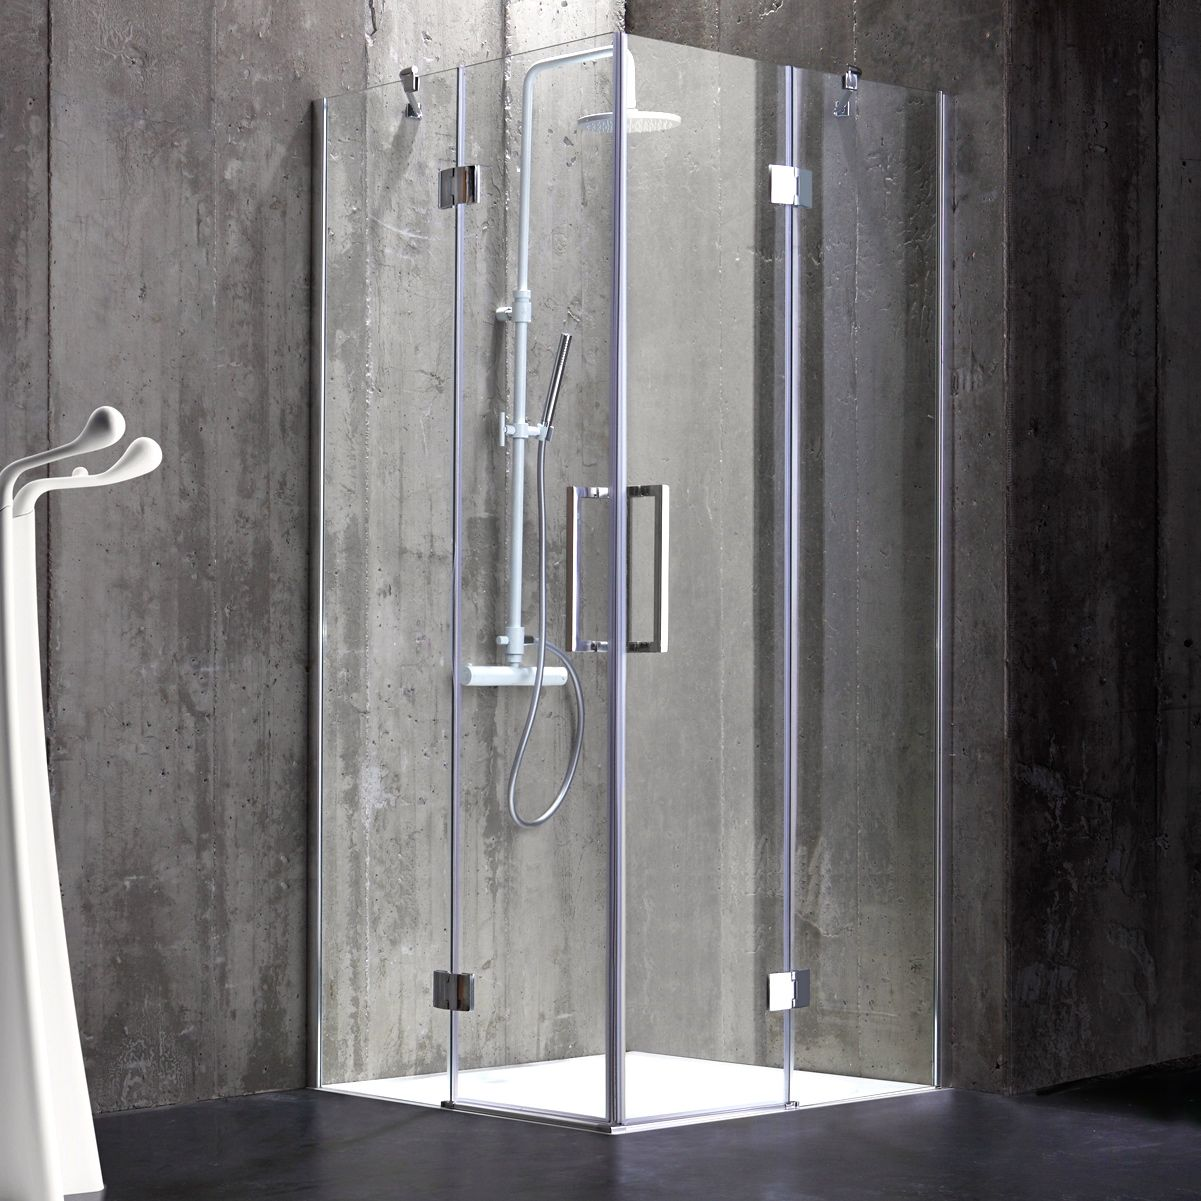 Box doccia 80x80 in cristallo 6 mm senza telaio stile - Box doccia senza telaio ...